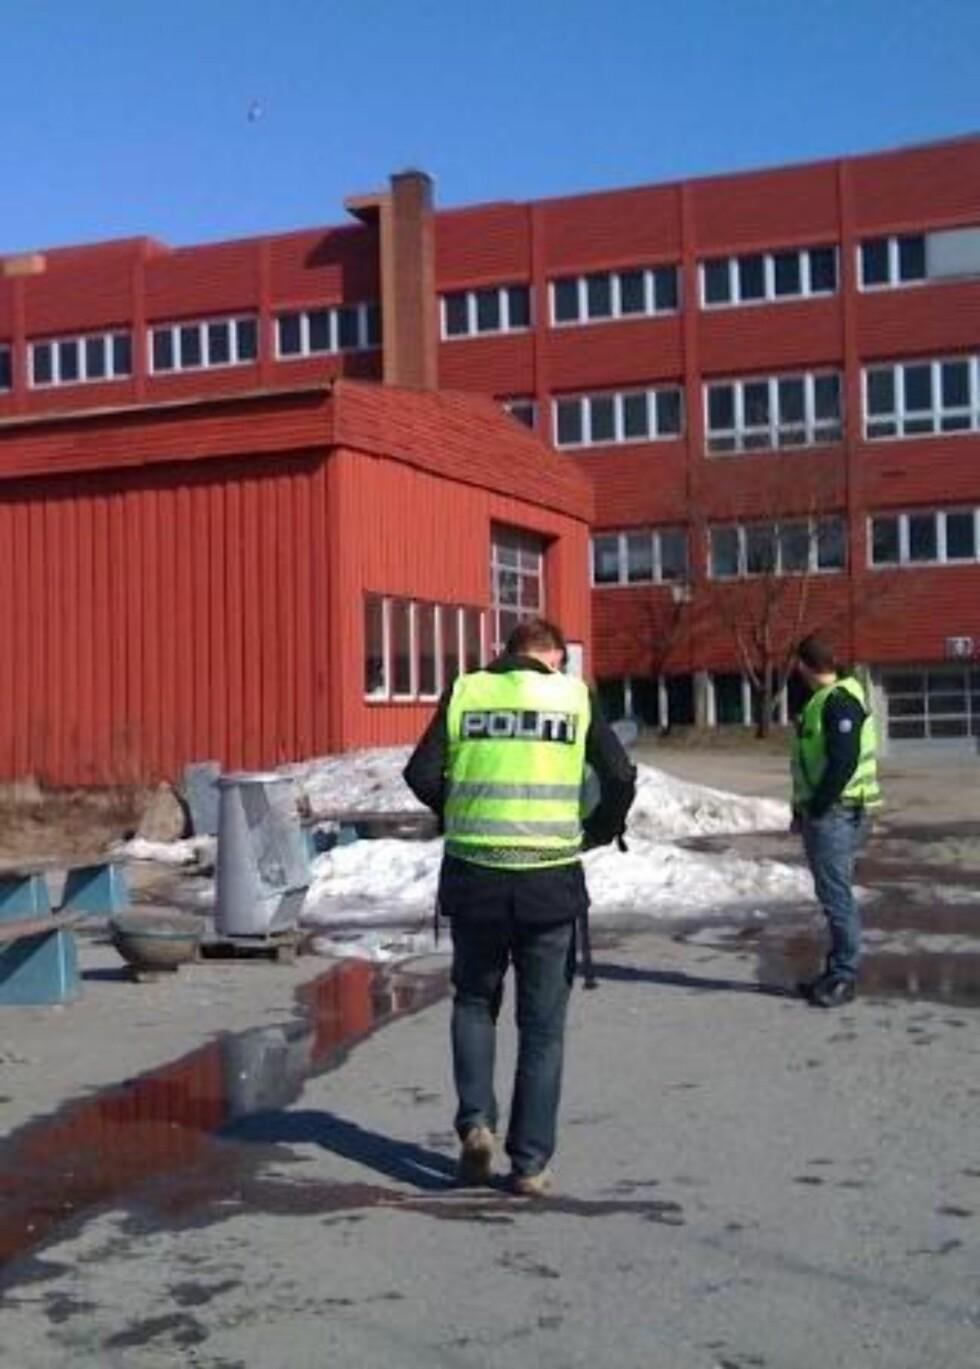 EVAKUERT: Elever og lærere ved Glemmen videregående skole i Fredrikstad ble i ettermiddag evakuert fra to skolebygnigner etter en bombetrussel mot skolen.  LESERFOTO 2400